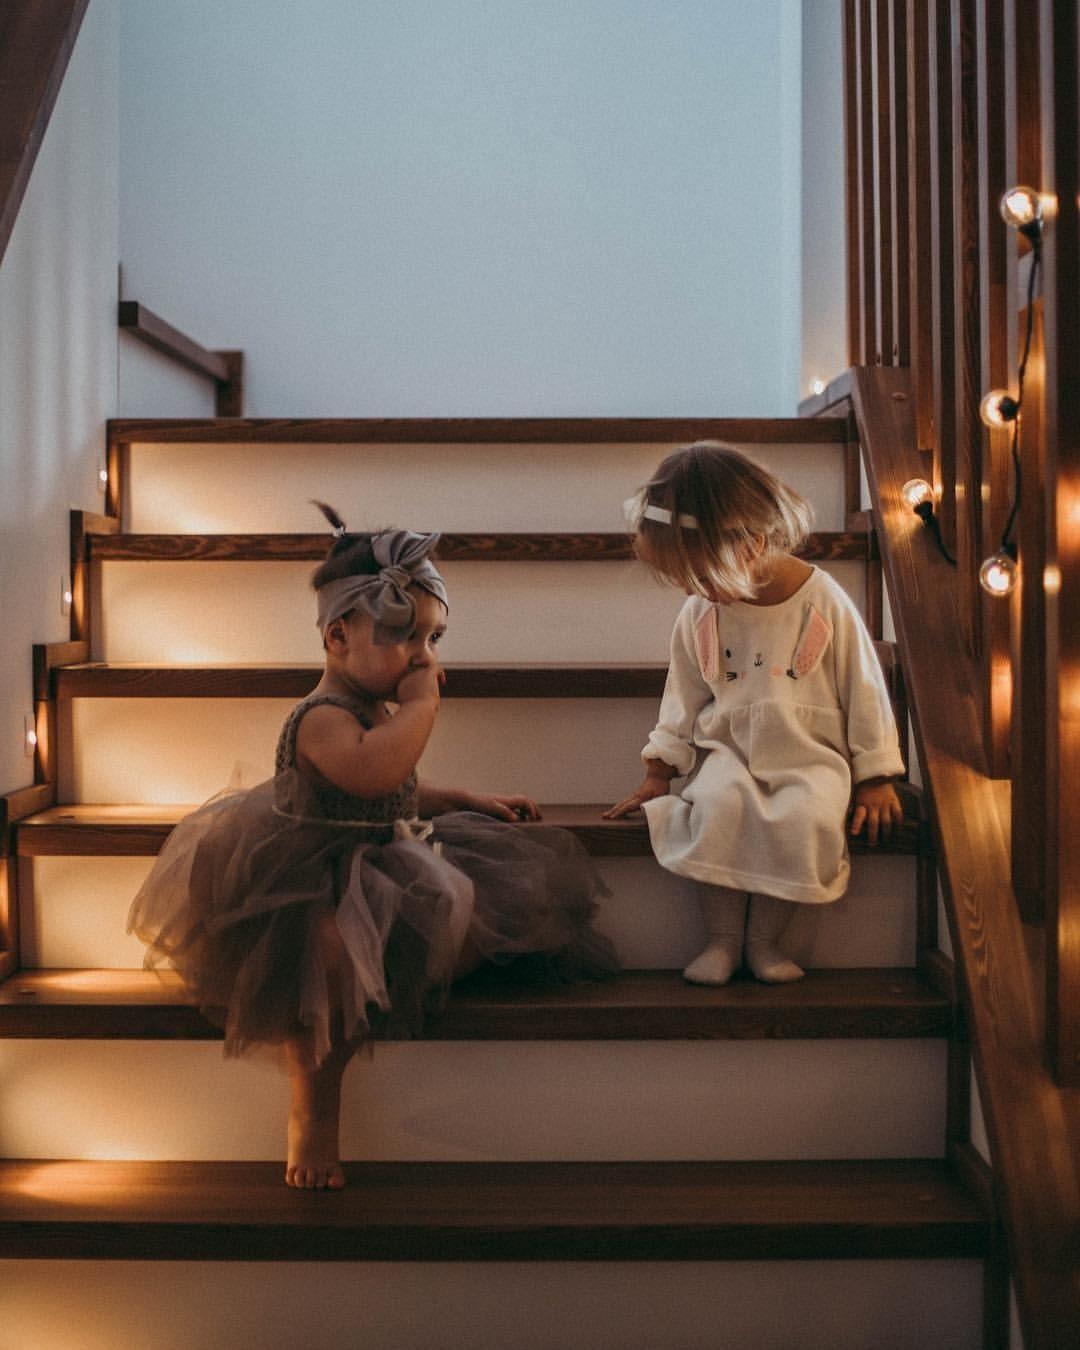 Стеснительному ребенку будет проще заводить друзей, если он умеет поддержать разговор. Поэтому учи его общаться, задавай развернутые вопросы, которые обучат его рассуждать и вести диалог....